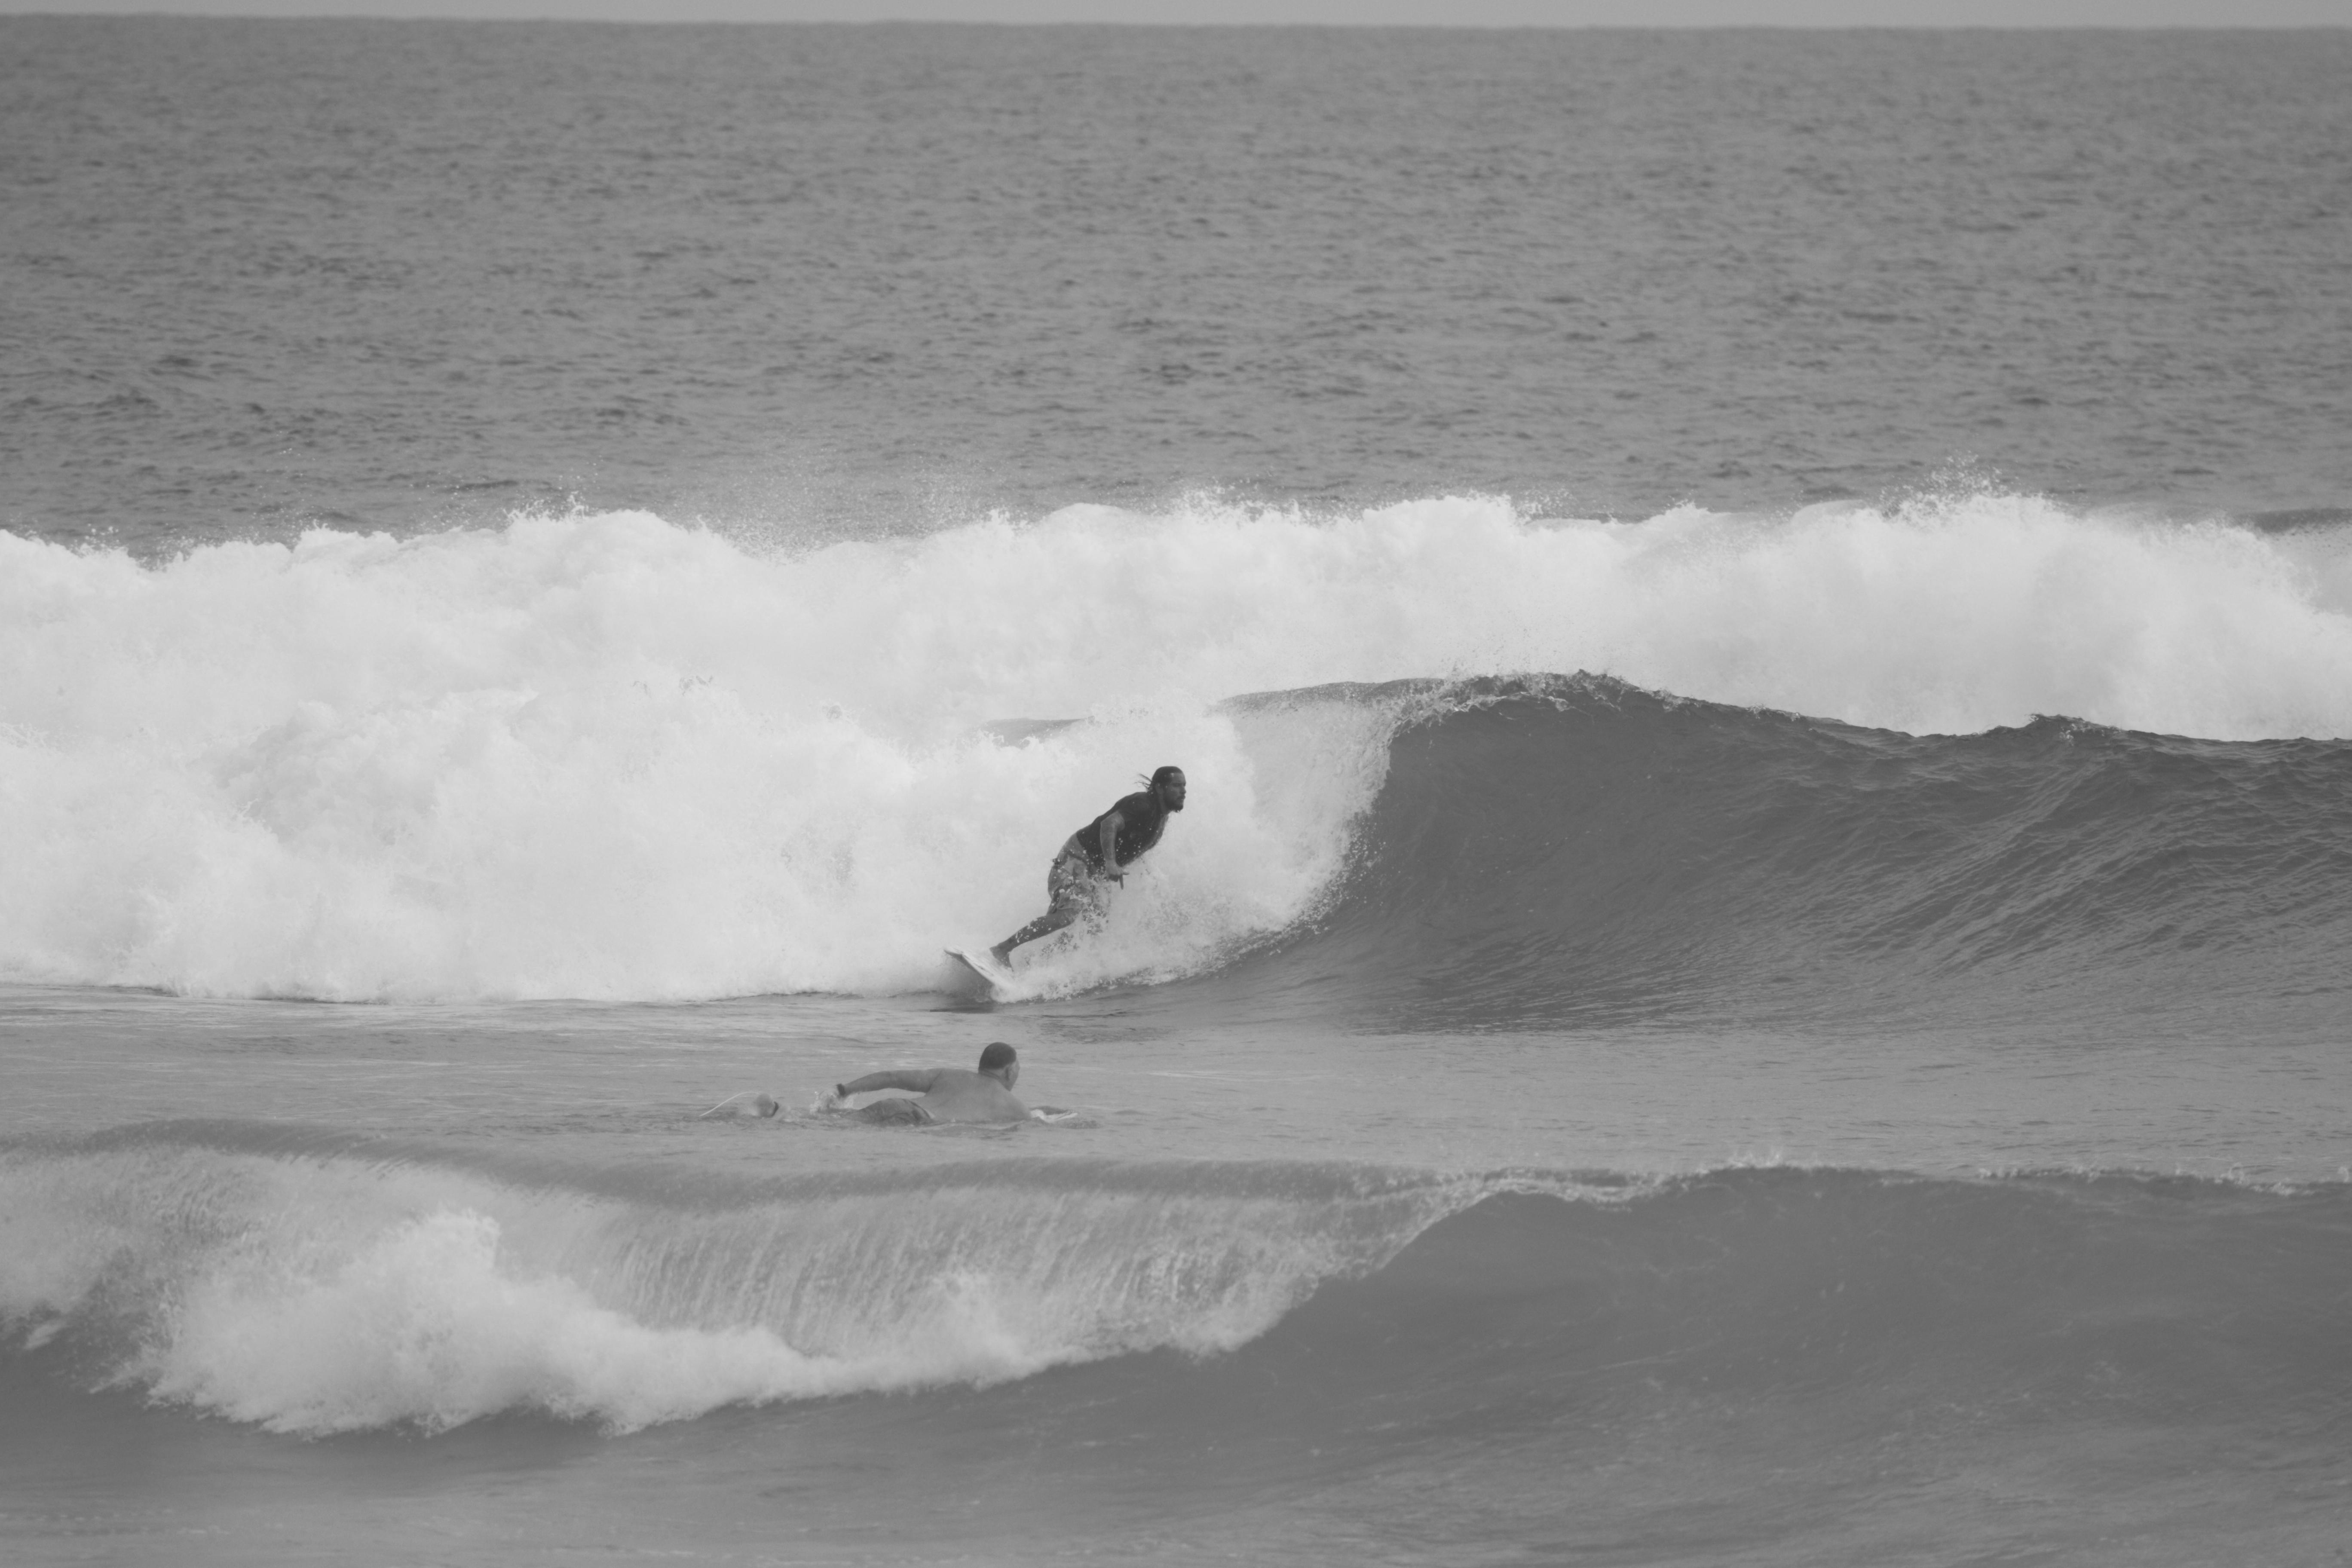 Surfing Dominican republic Jorge Mijares photo Carlos vasquez